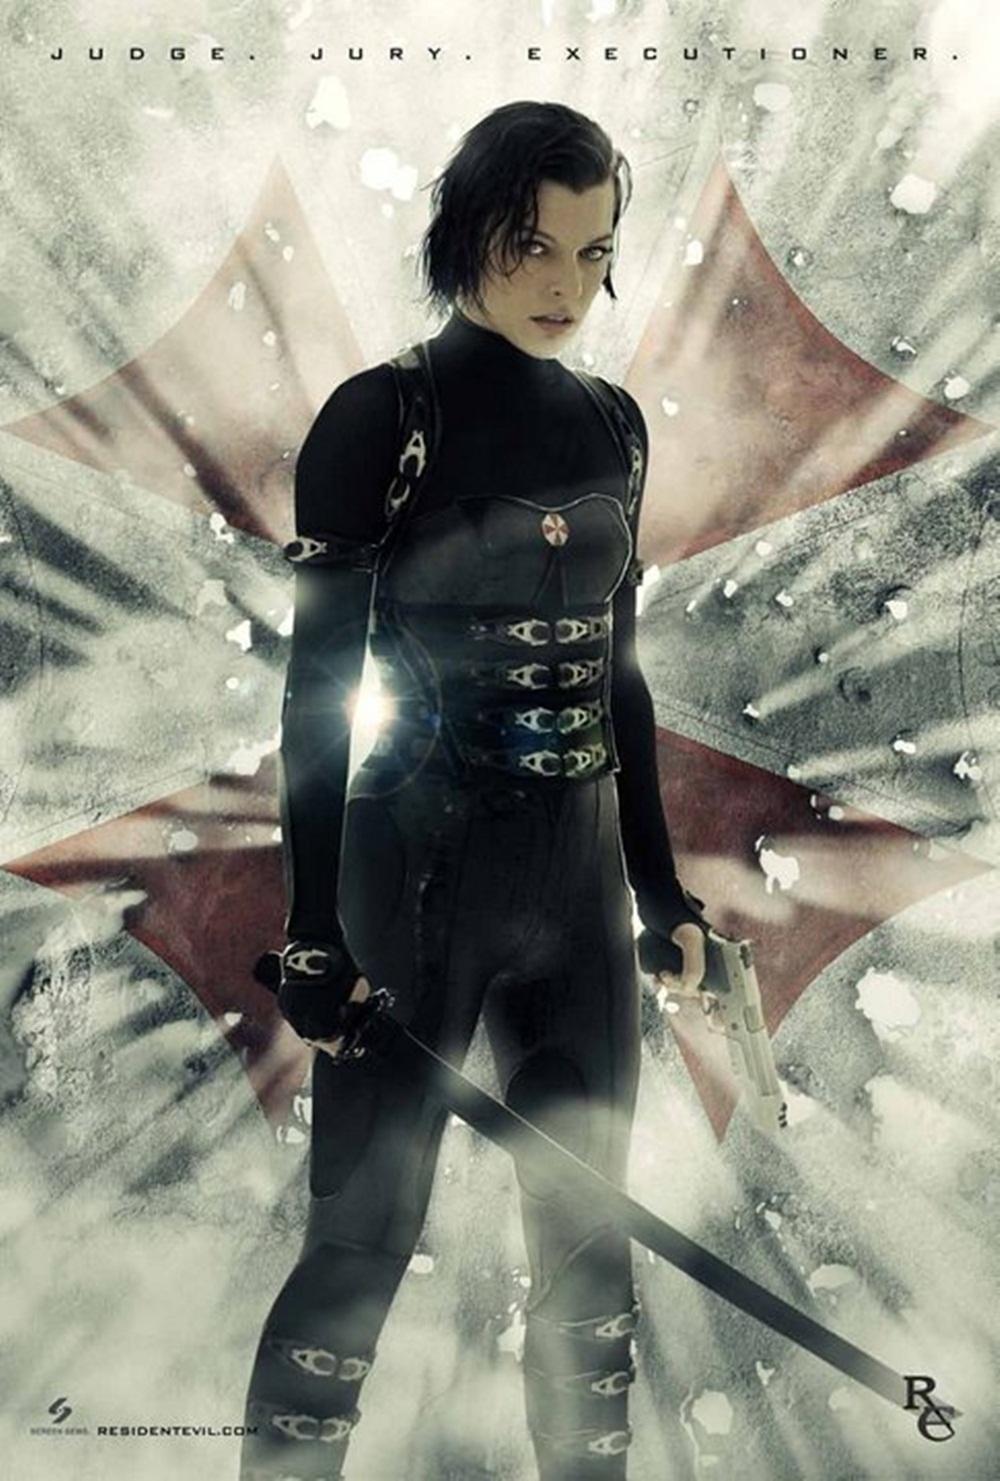 Resident Evil: Retribution (Venganza) 2012 RESIDENTT